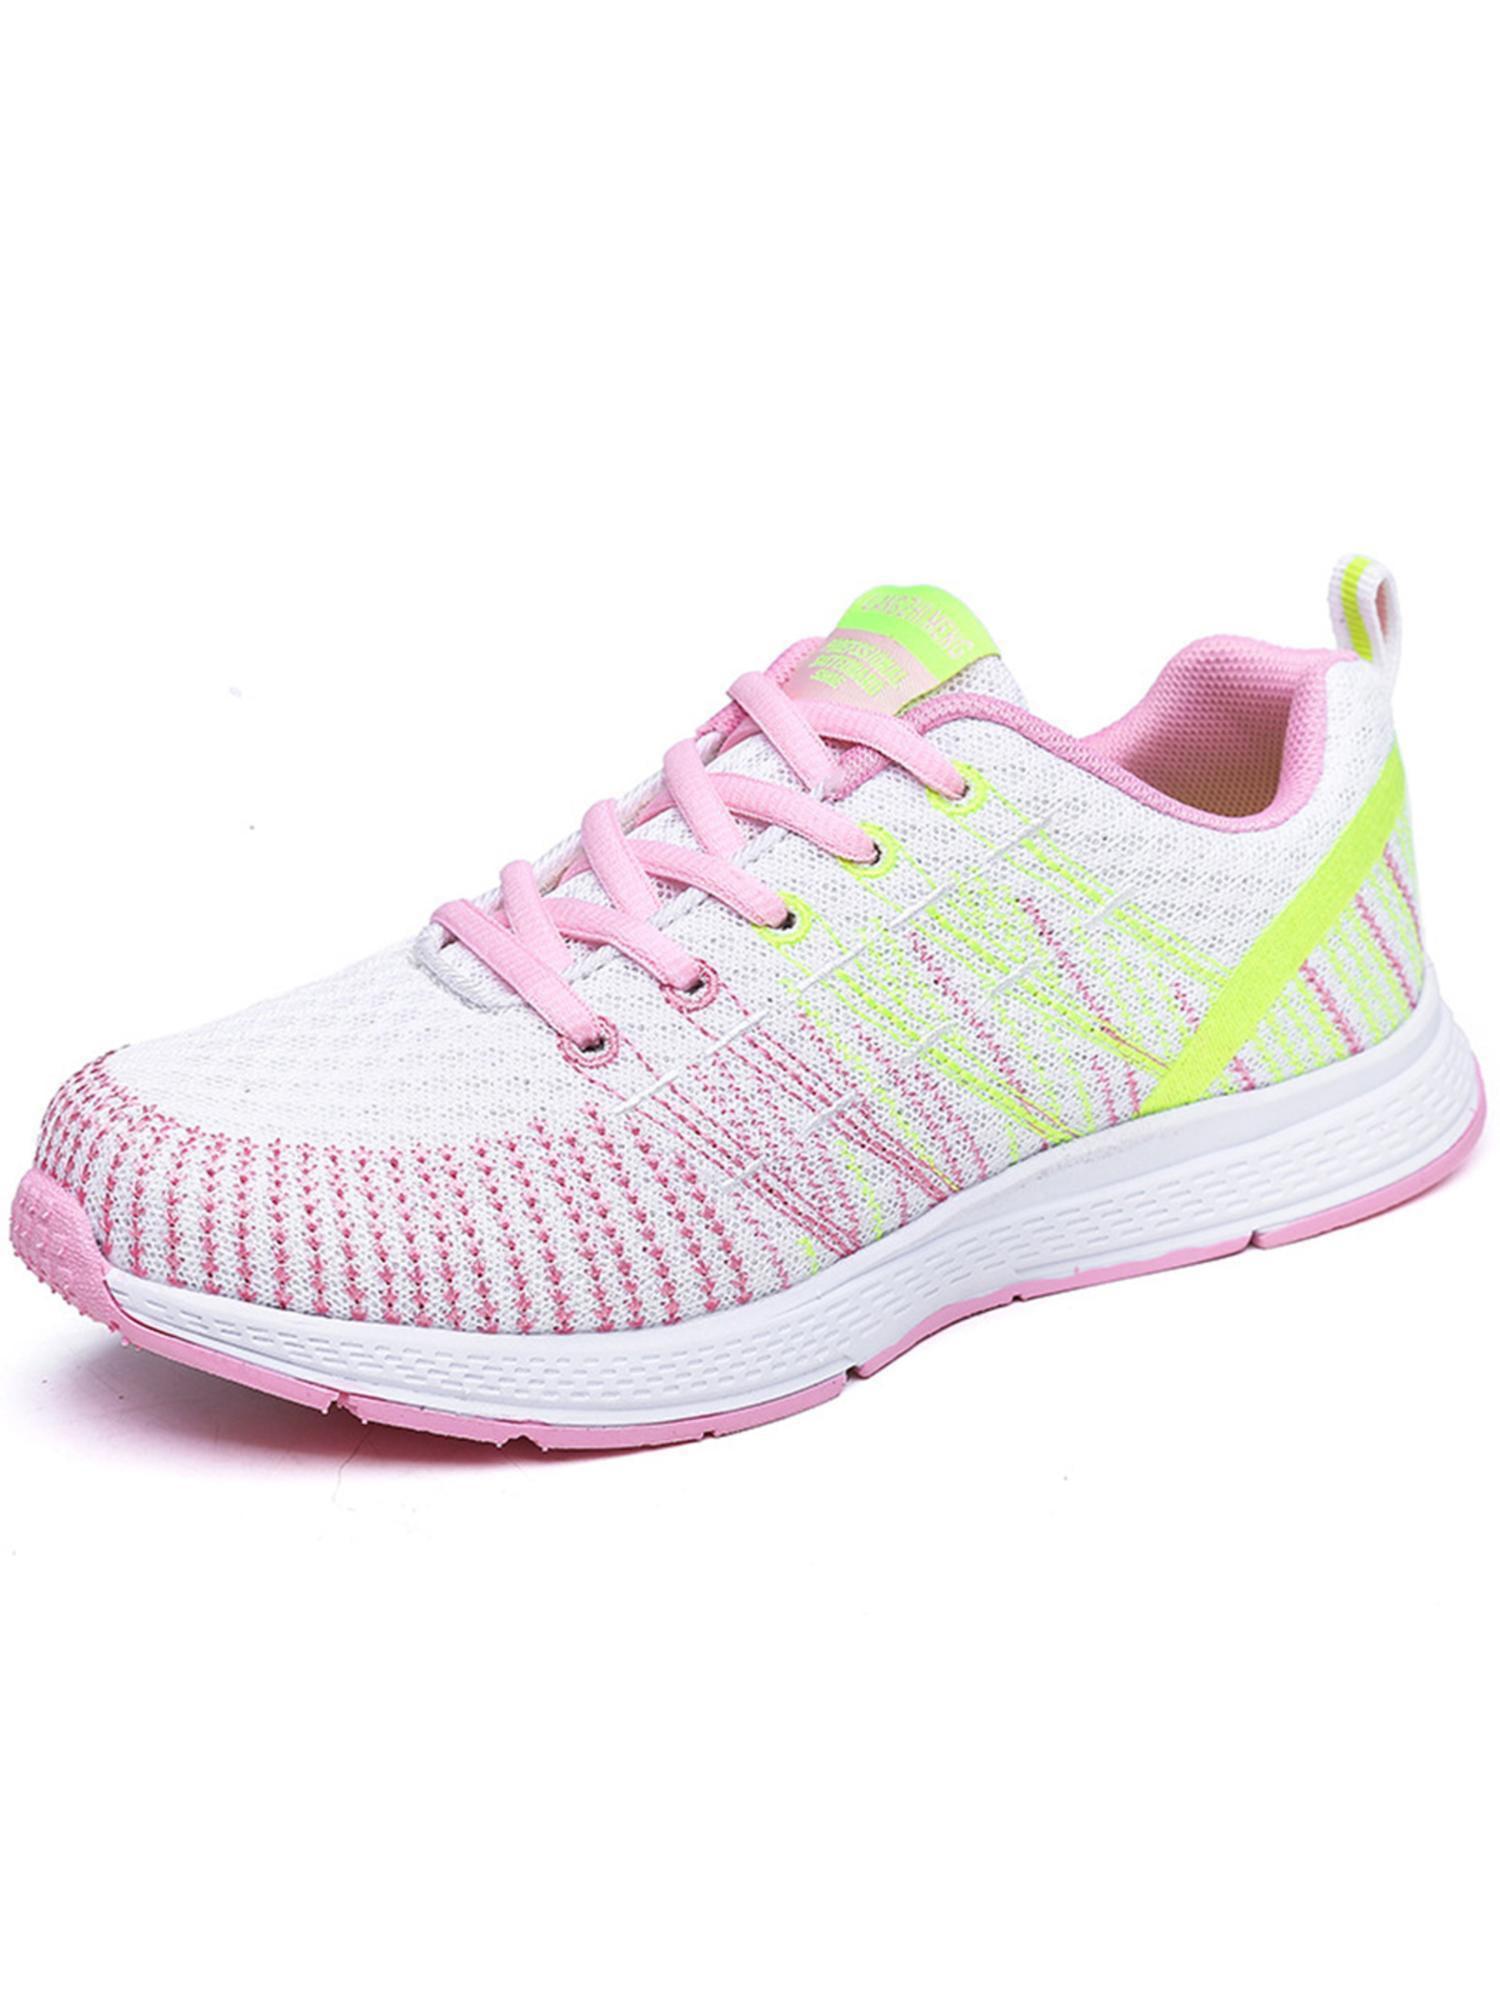 Women Round Toe Casual Running Shoes PU